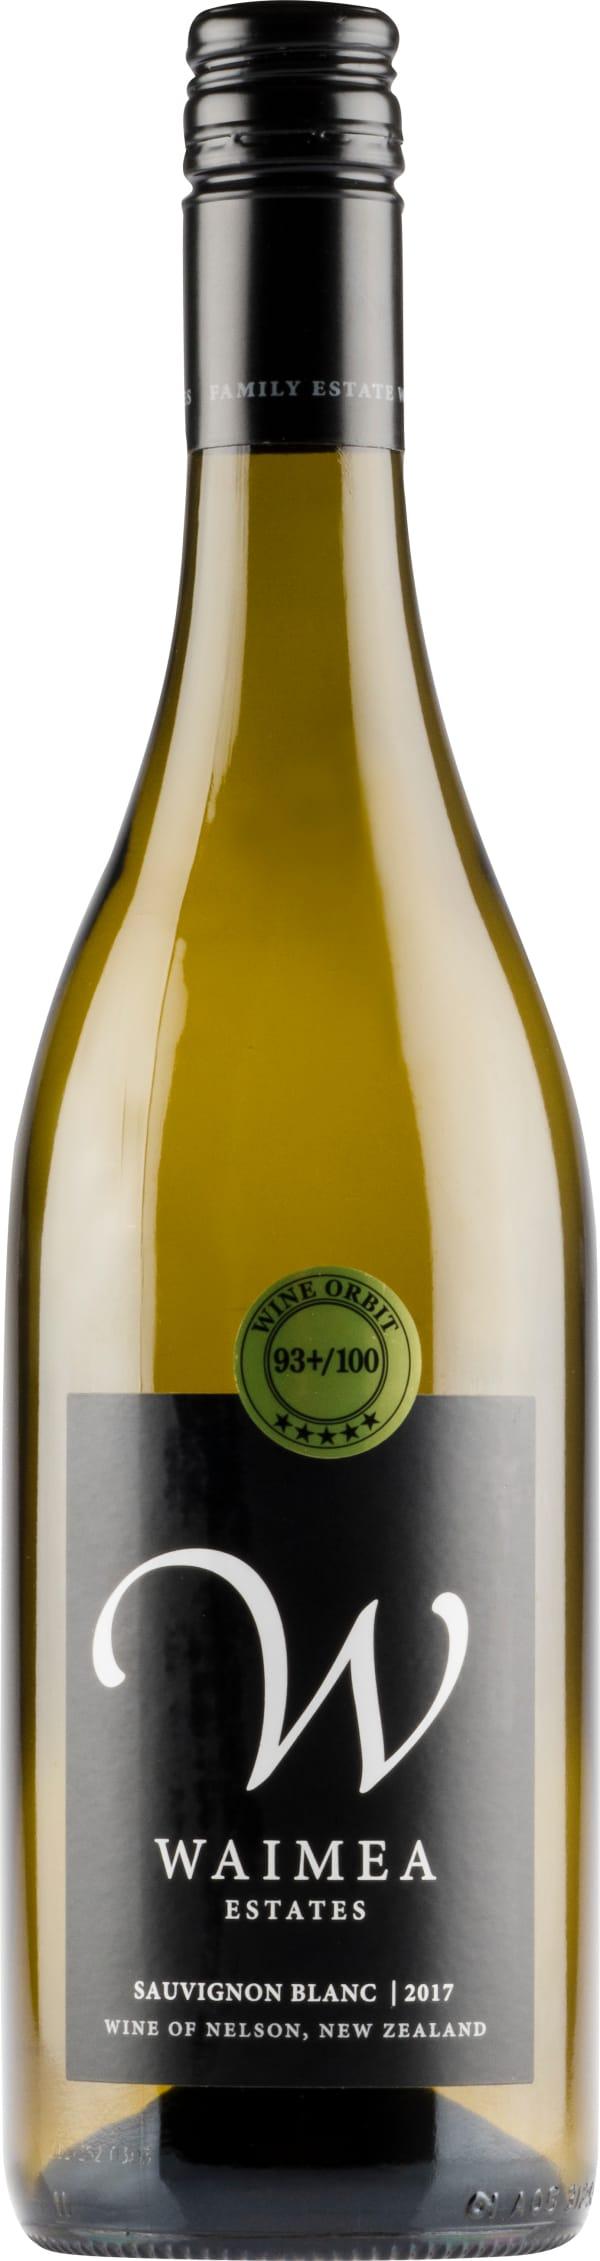 Waimea Sauvignon Blanc 2019